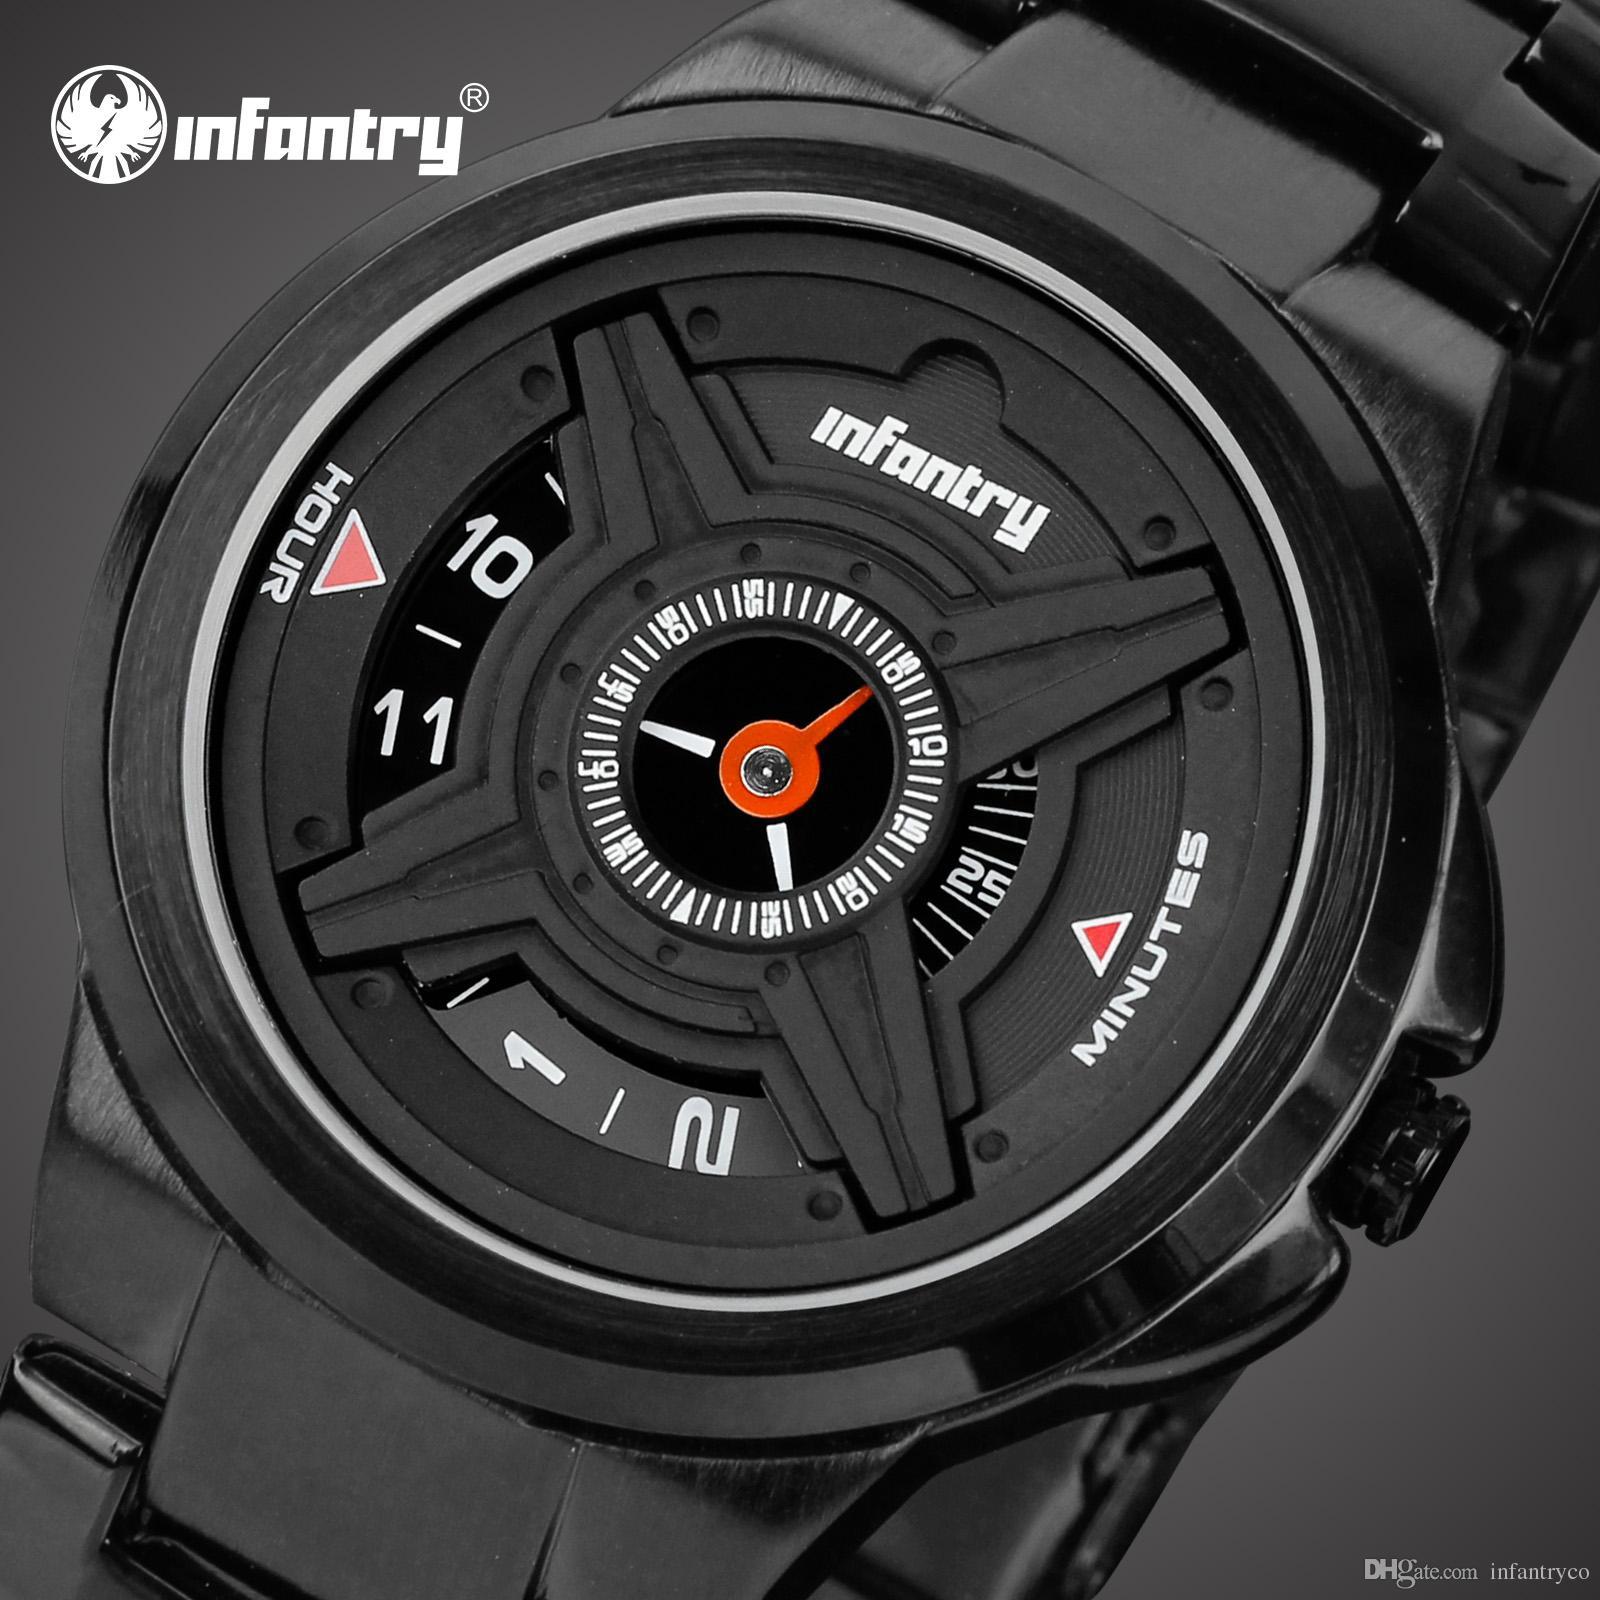 cc18851ea5b Compre INFANTARIA Relógio Esportivo Dos Homens Marca De Moda Relógios  Militares Relógio De Pulso Preto Para Homens Piloto Pulseira De Aço  Inoxidável ...